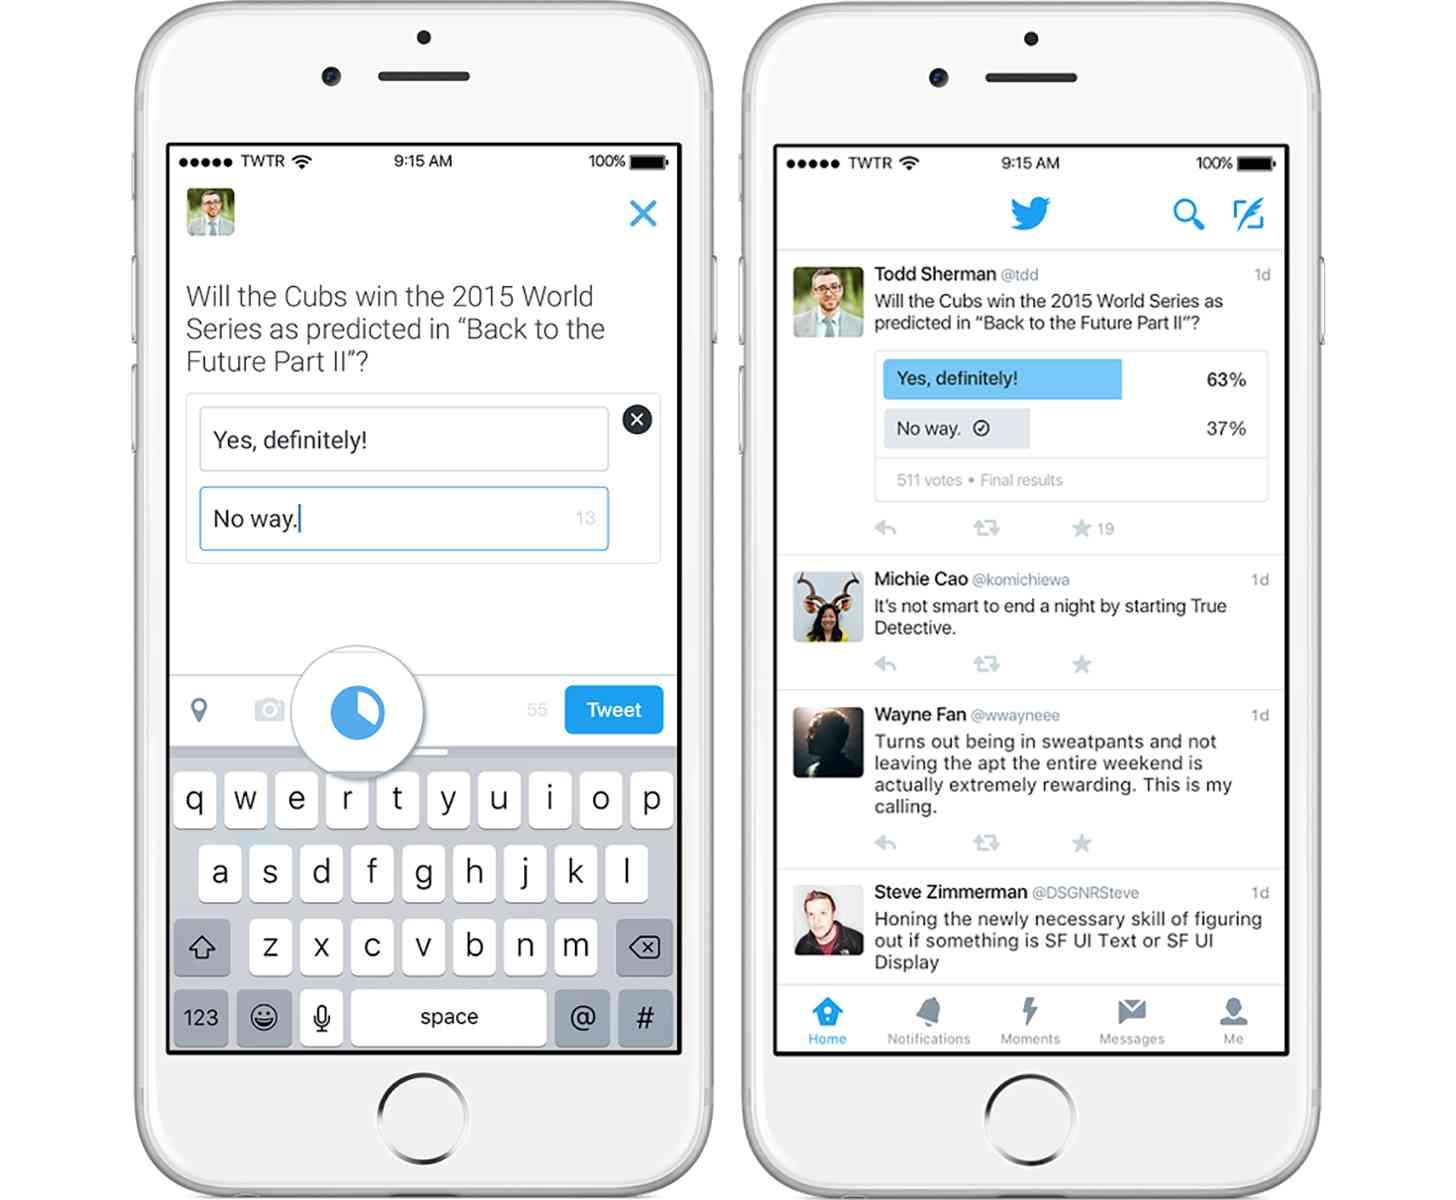 Twitter polls official